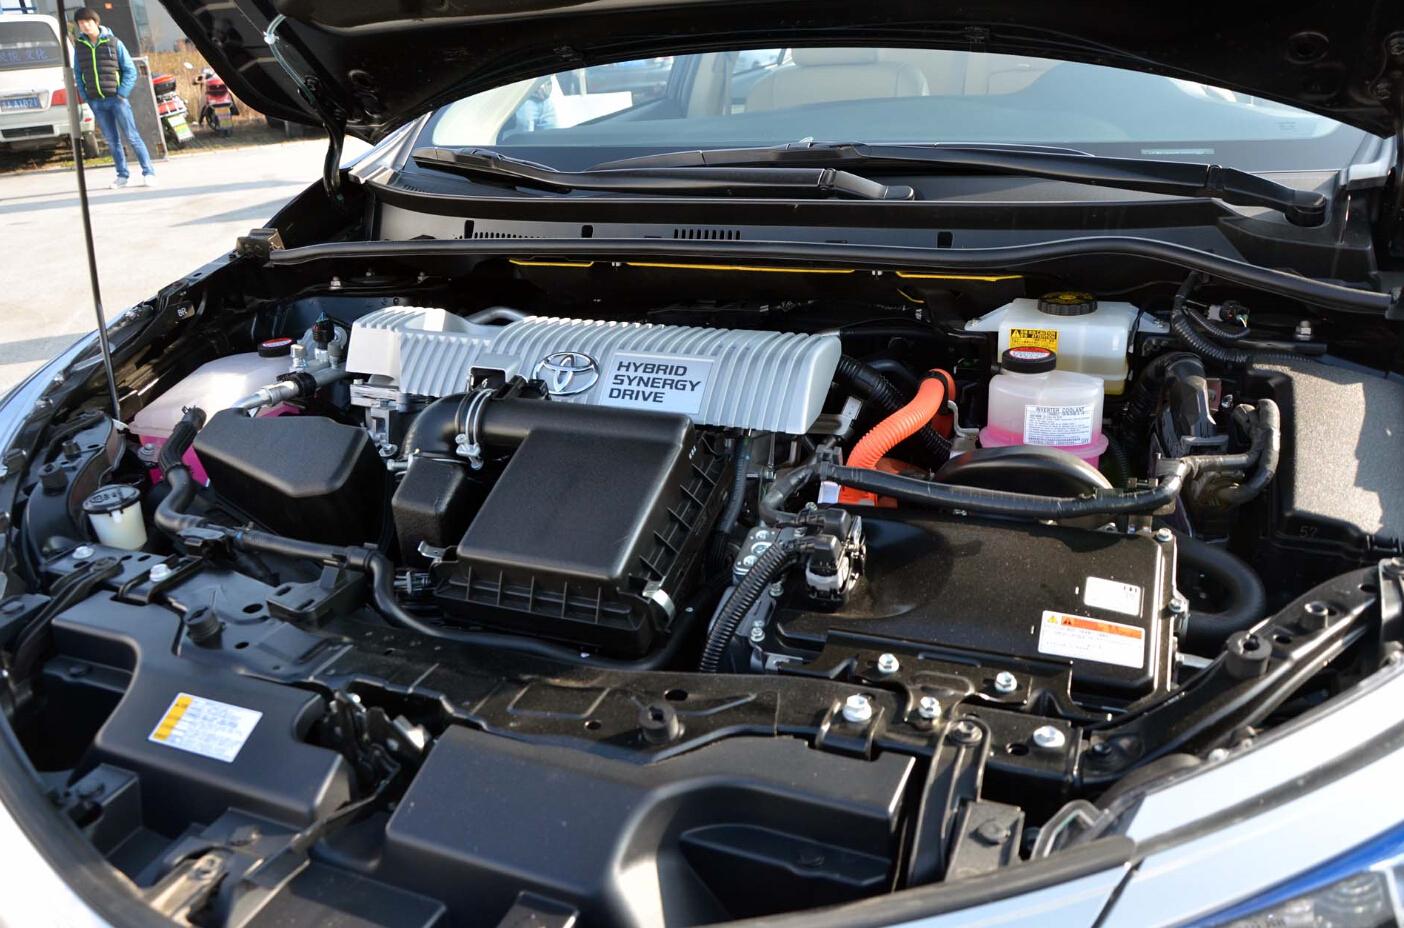 什么是积炭? 积炭是发动机在工作过程中,燃油中不饱和烯烃和胶质在高温状态下产生的一种焦着状的物质。 积炭是如何形成的? 汽油中的杂质和胶质以及发动机运转时的高温才是导致积炭产生的直接原因。 发动机运转时,汽油和空气的混合气在发动机燃烧室内被点燃,在高温环境下,汽油中无法完全燃烧的碳氢化合物、石蜡、胶质被烧成胶炭物,附着在气门、喷油嘴、燃烧室等部位,便会形成积炭。 如果加注品质较差的汽油或是在拥堵的城市路况下,车辆始终处于走走停停的状态,会加剧积炭的生成。